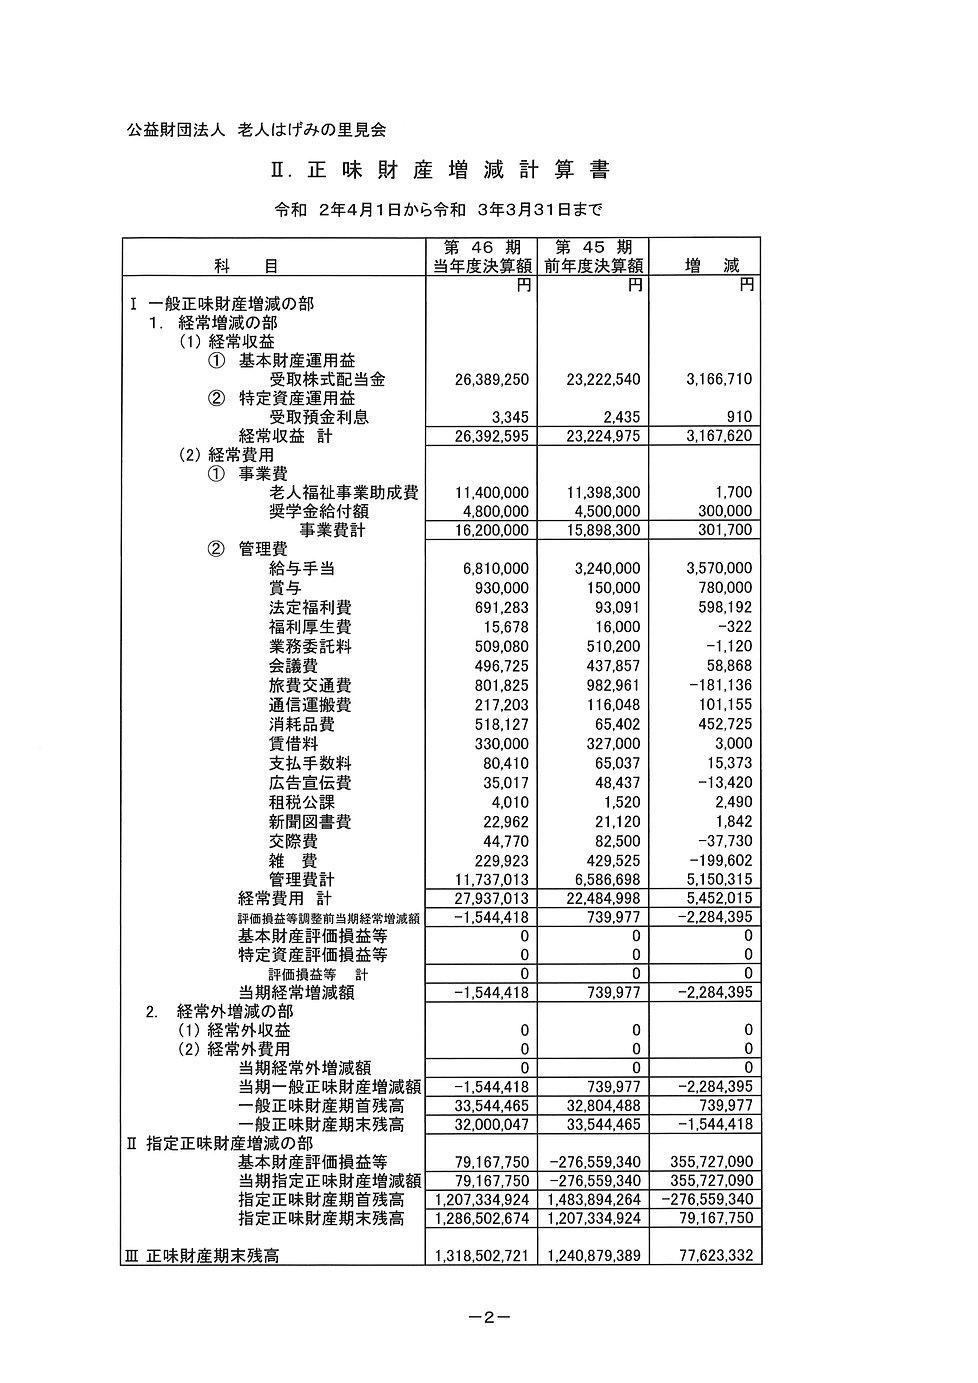 正味財産増減計算書 R3.3.31.jpg